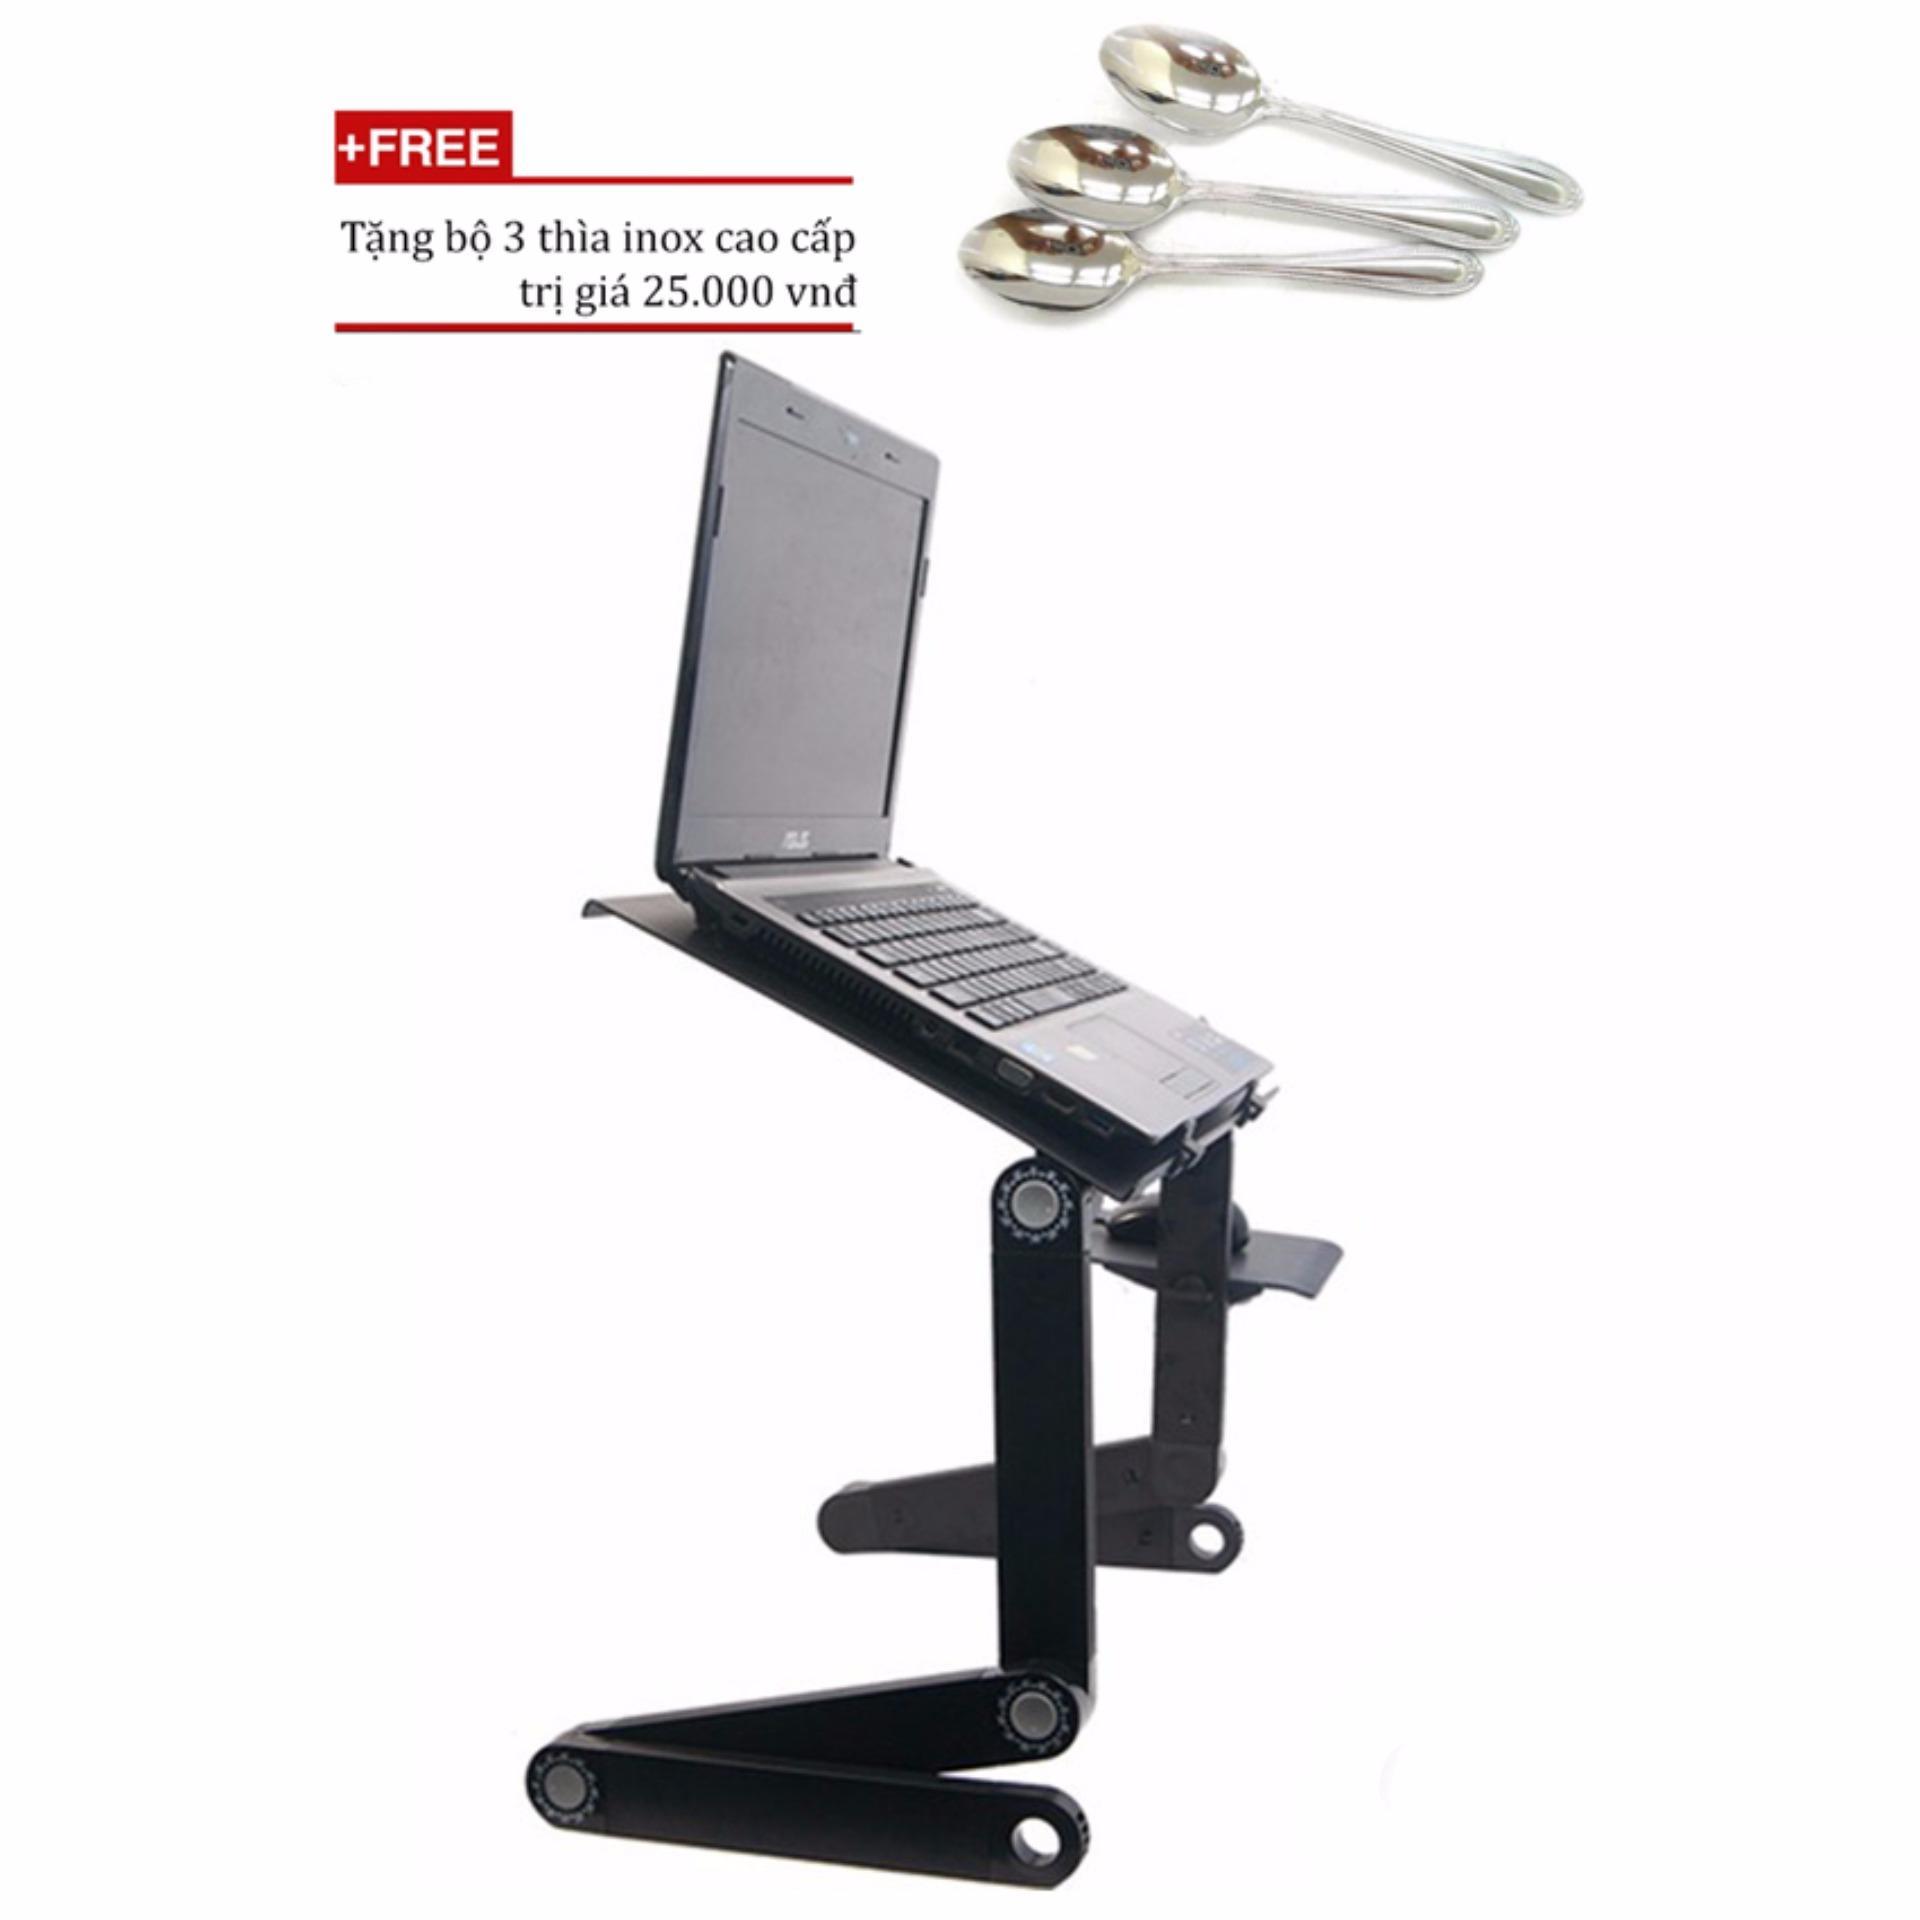 Mua Bàn xoay laptop đa năng 360 độ T6/bàn kê laptop hcm (Đen+ Tặng bộ 3 thìa inox cao cấpở đâu rẻ nhất